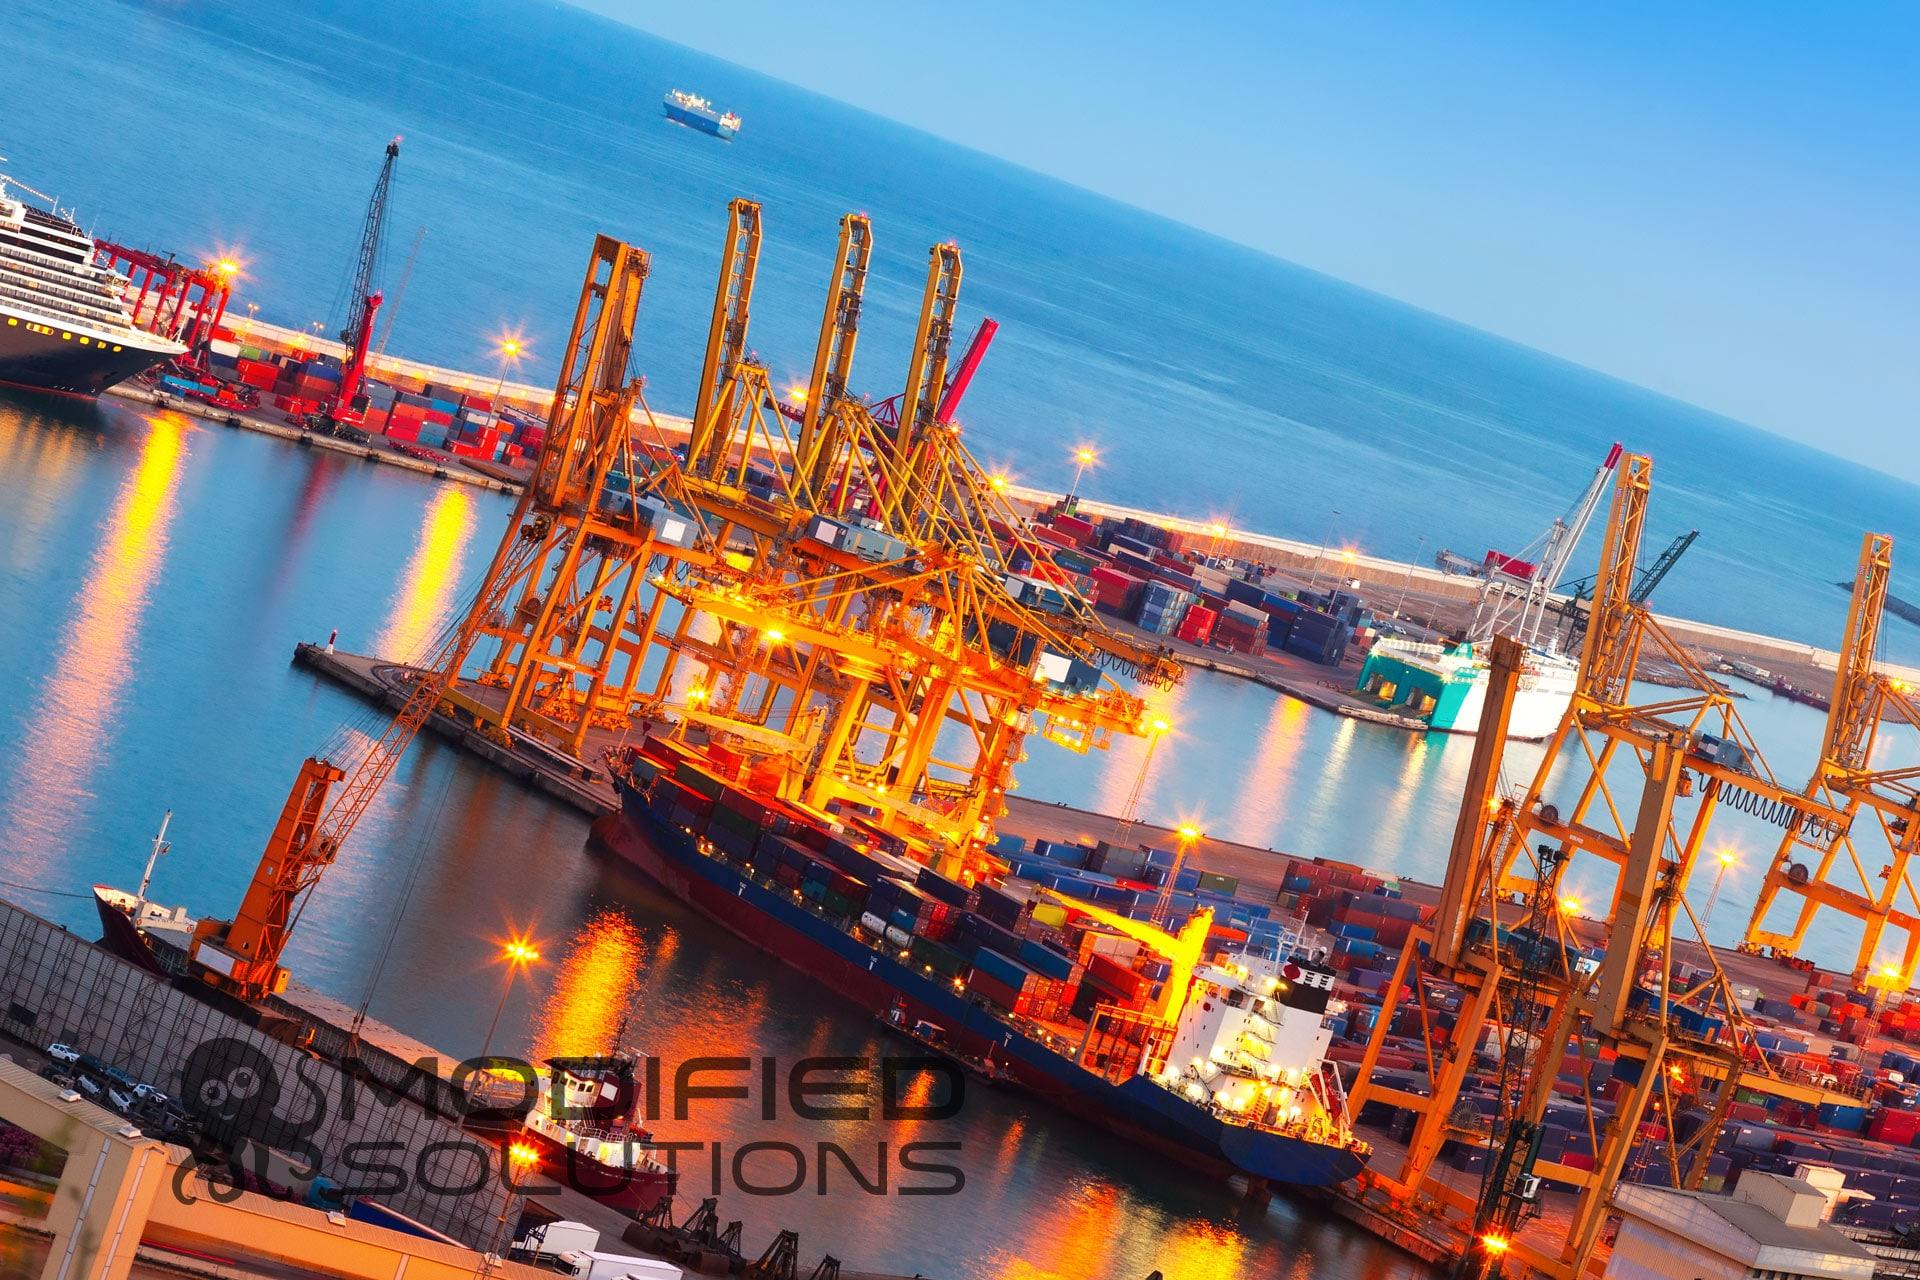 Digitalisering og optimering af processer i industrien